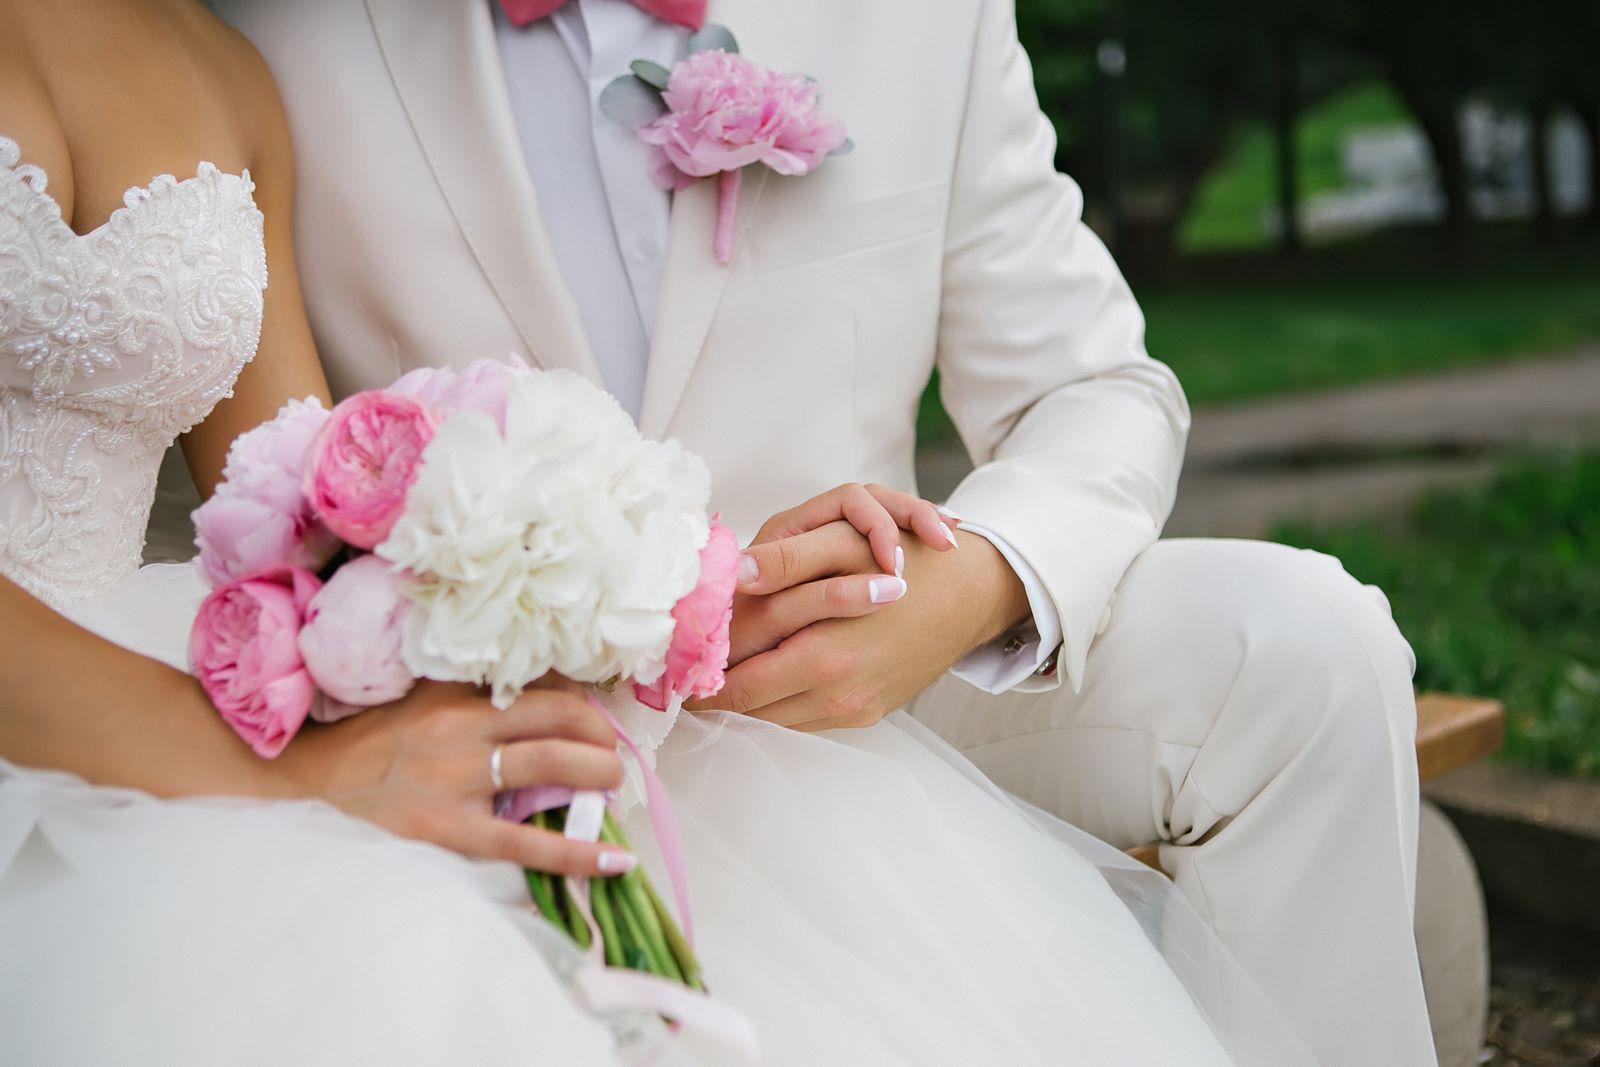 Фото бутоньерка на свадьбу из пионов